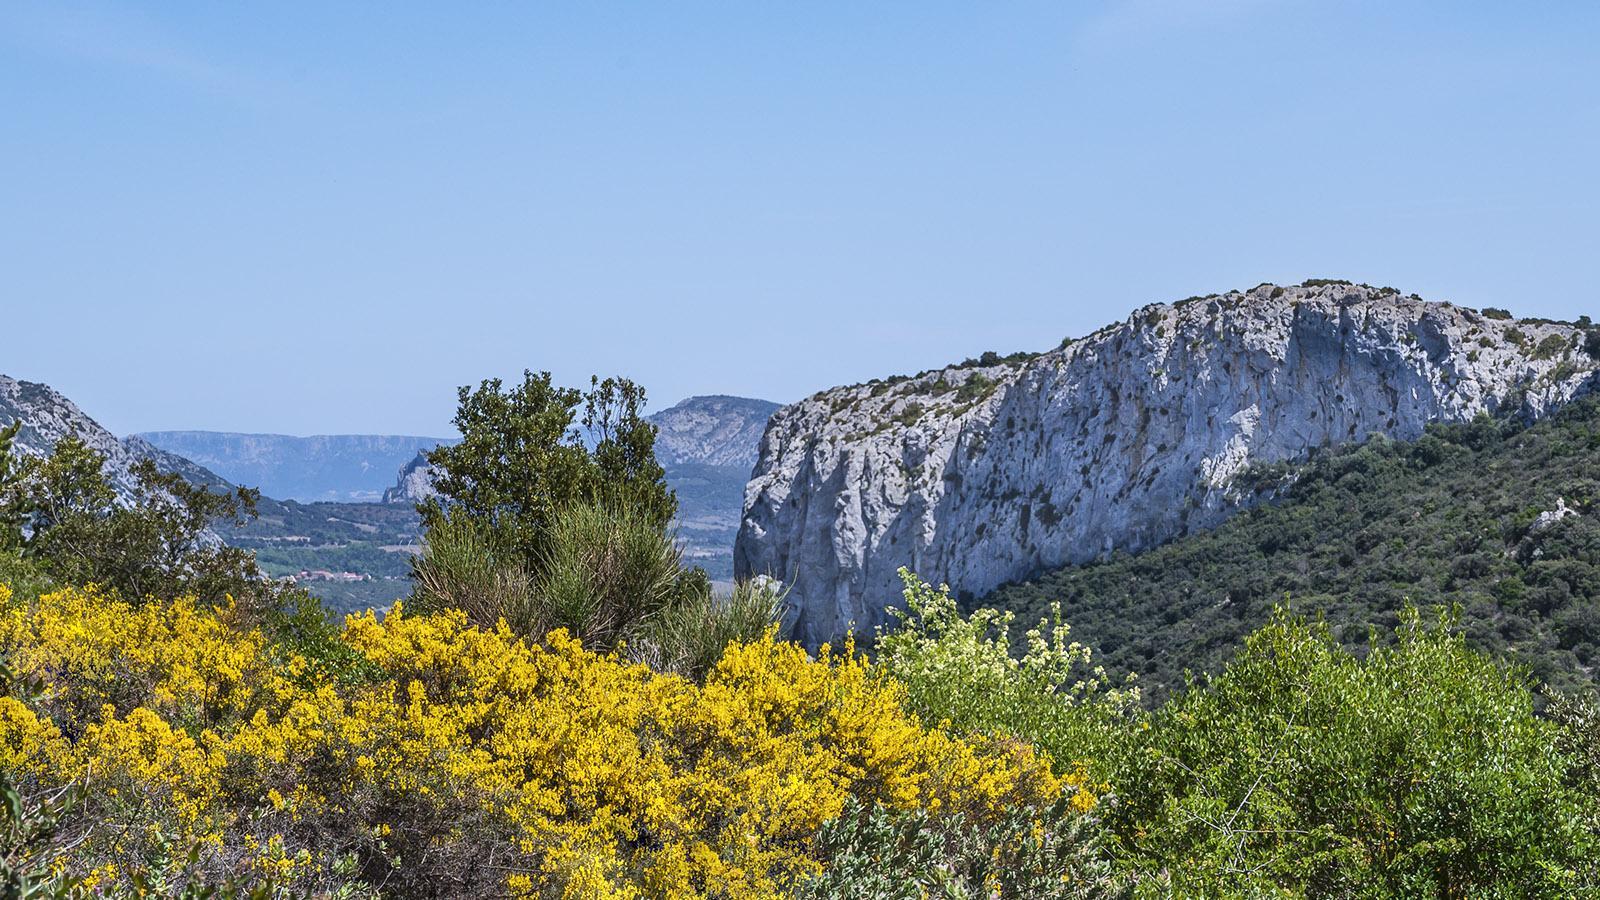 Sentiers des Hauts de Taichac. Foto: Hilke Maunder